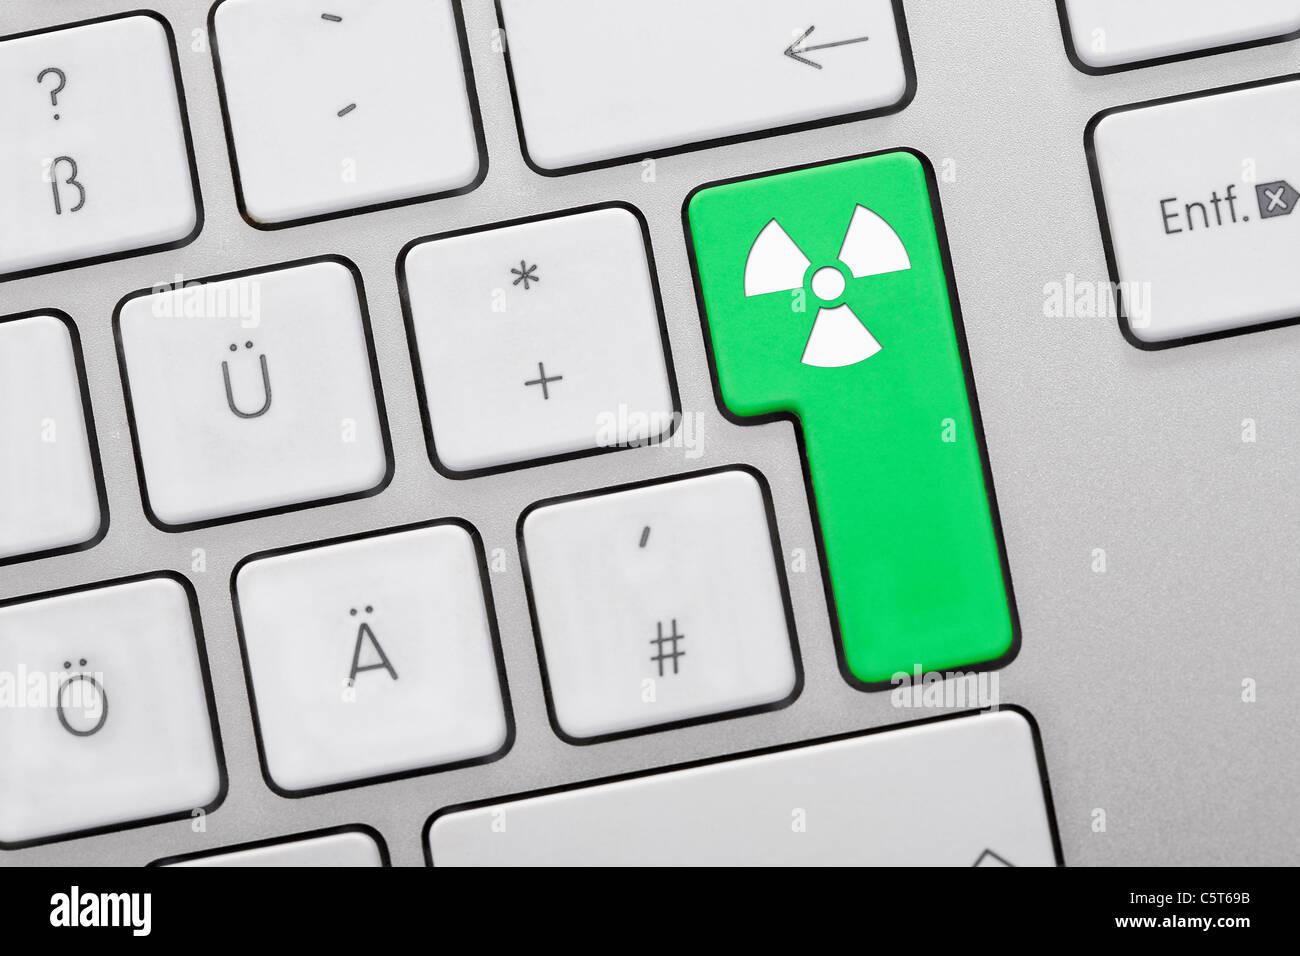 Símbolo De La Computadora Imágenes De Stock & Símbolo De La